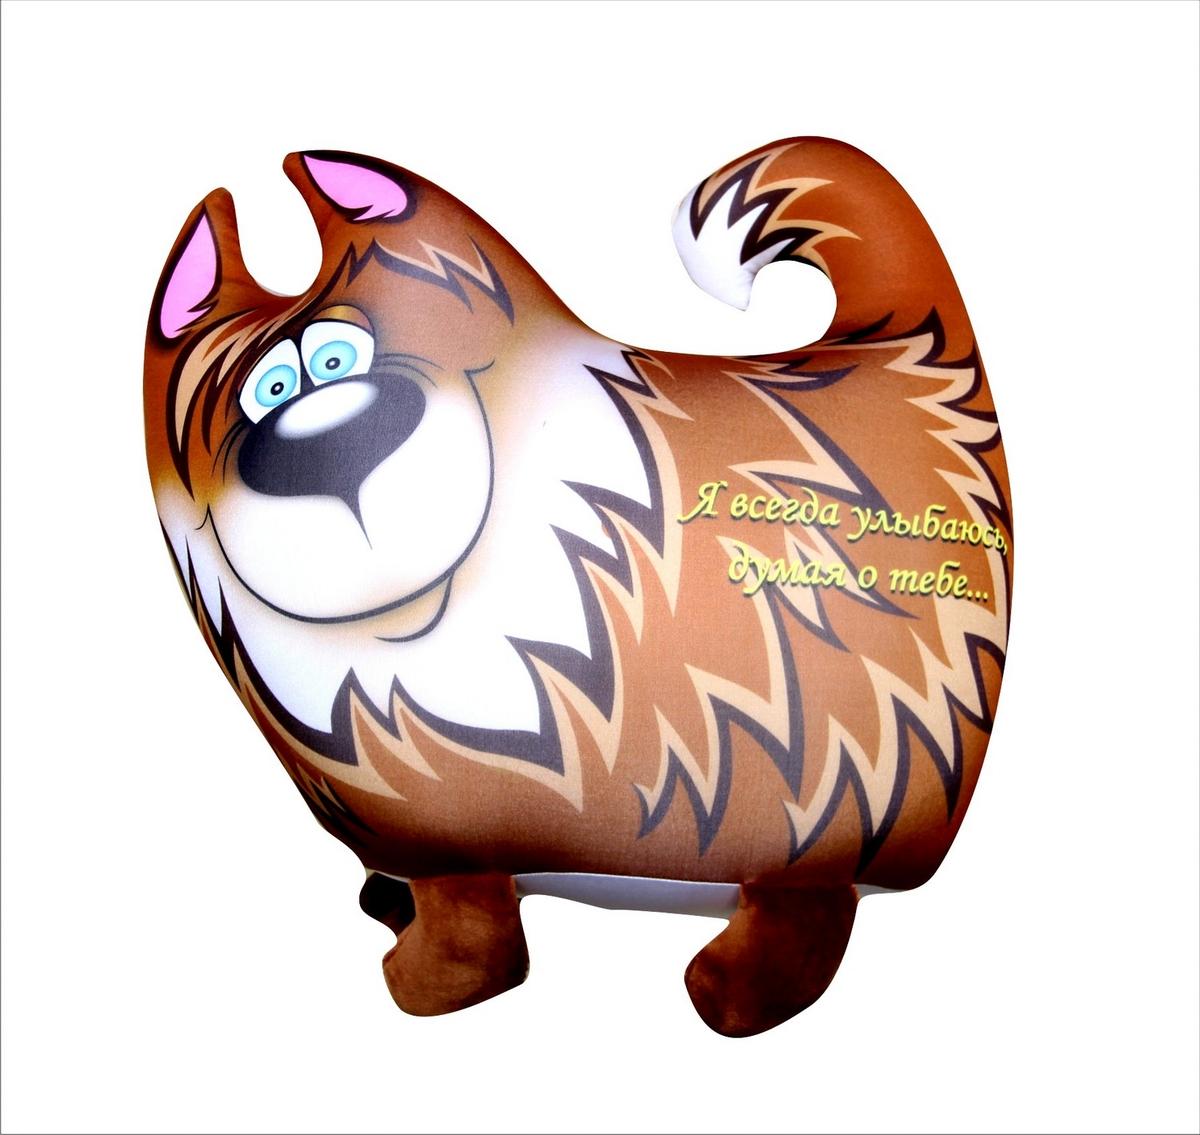 Подушка-игрушка Штучки, к которым тянутся ручки антистрессовая Звери Улыбки, коричневый